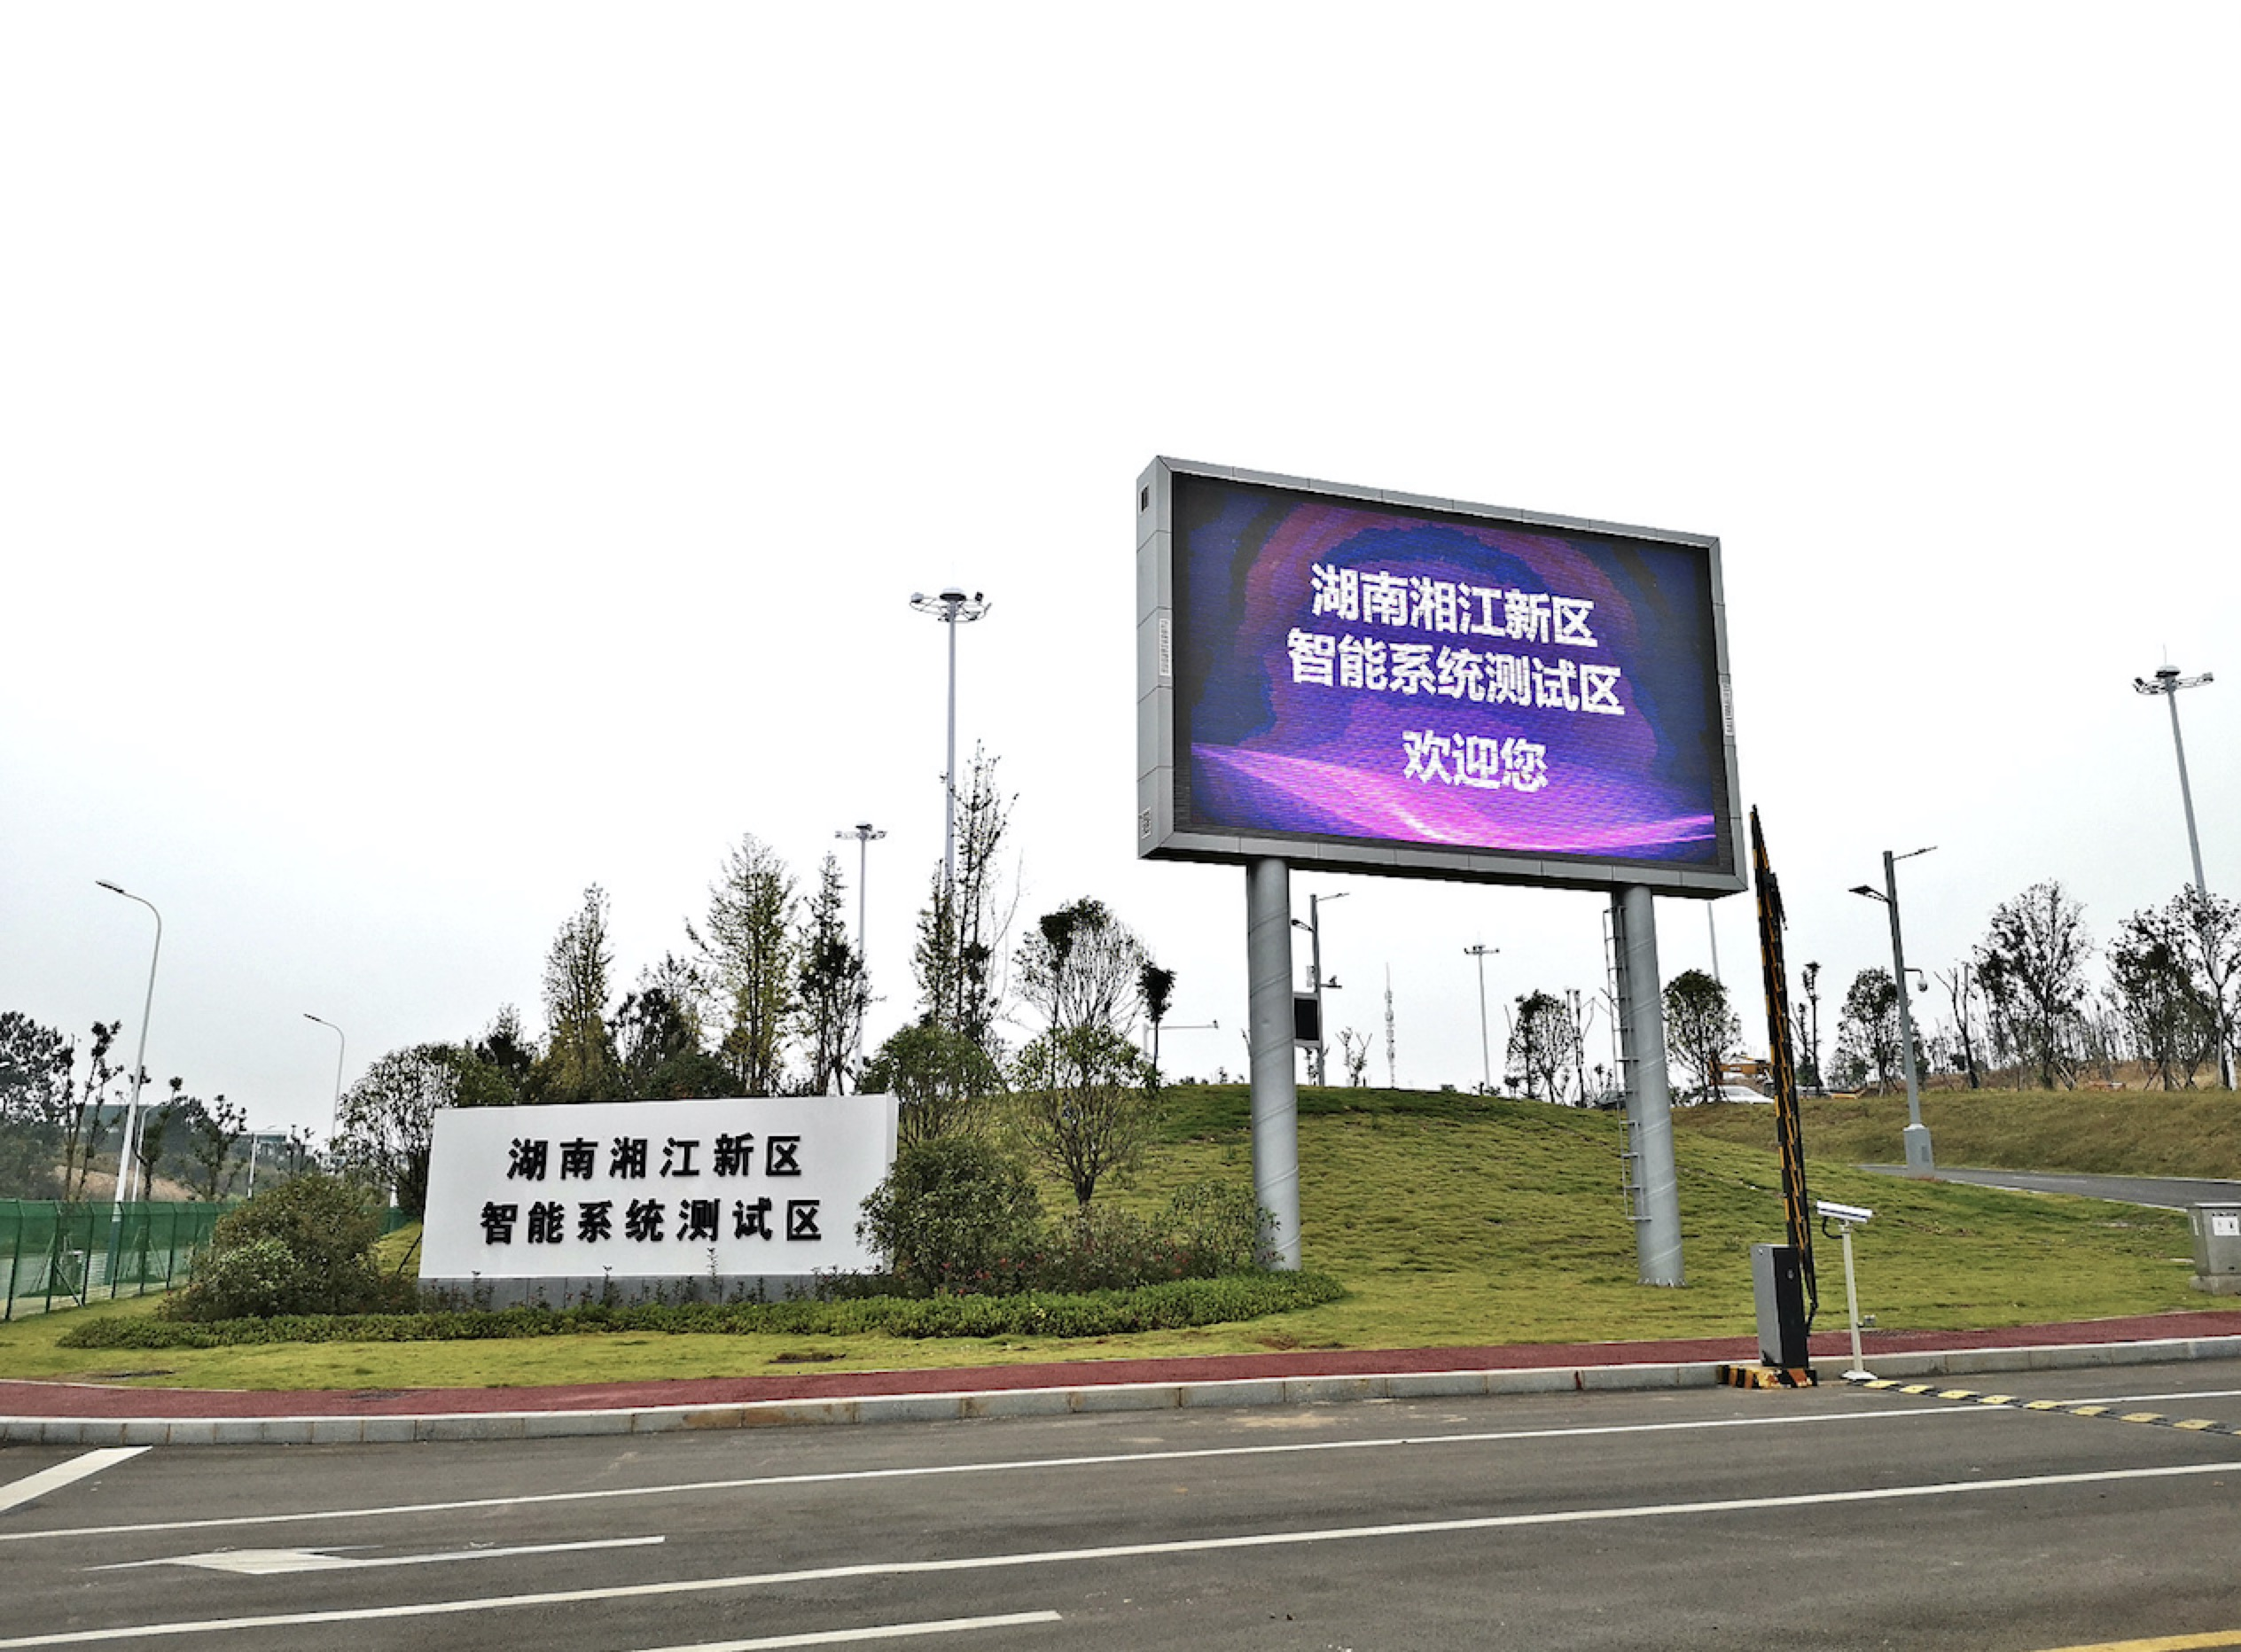 湘江新区智能系统测试区